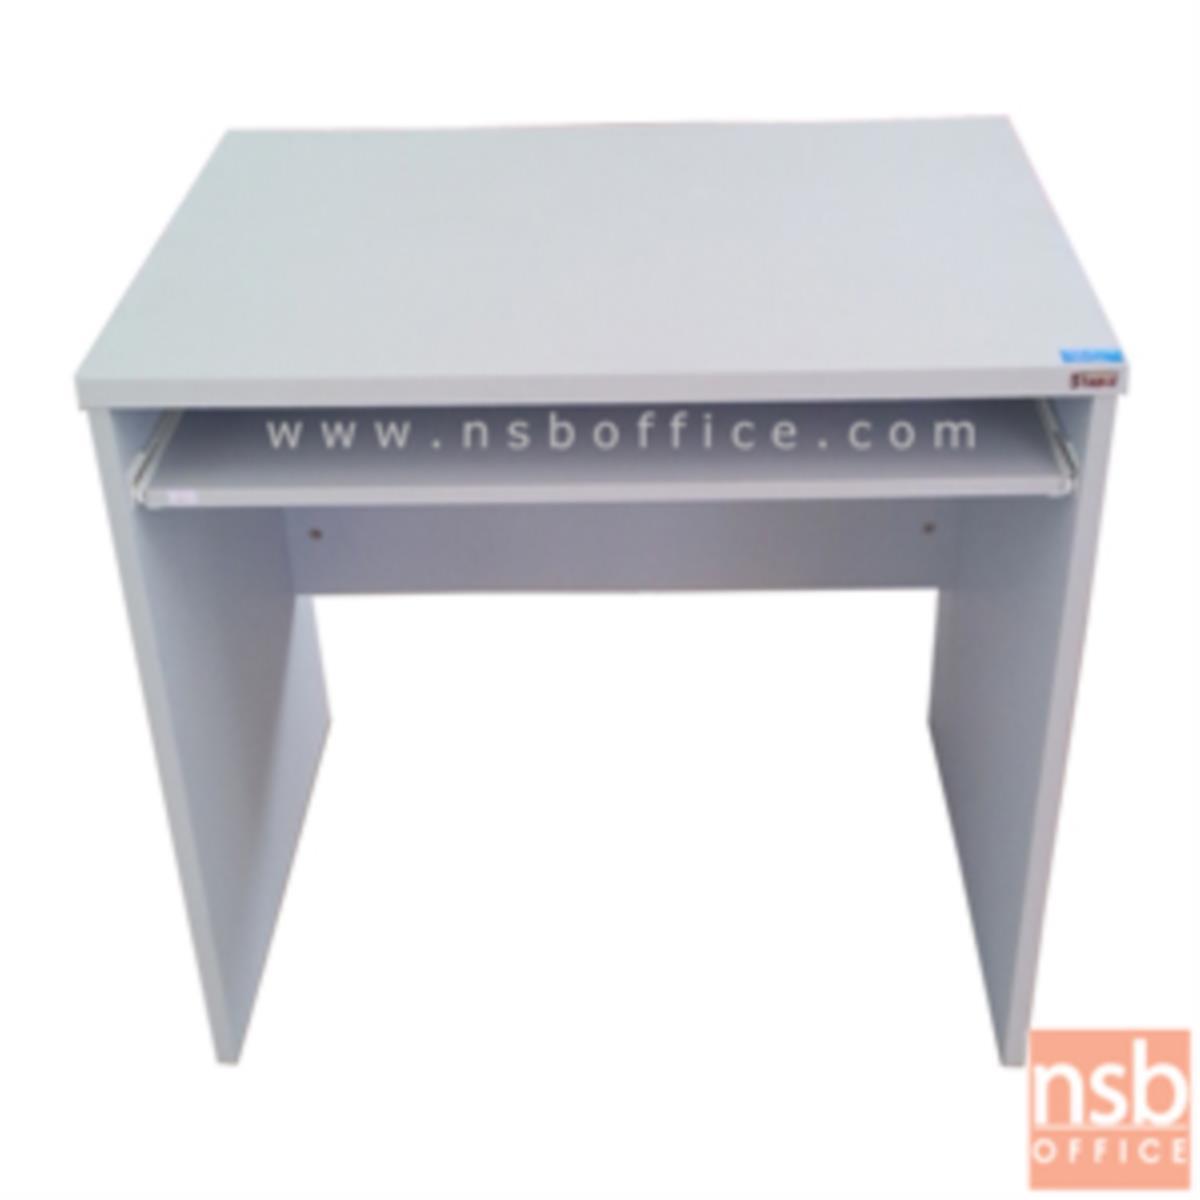 โต๊ะคอมพิวเตอร์  รุ่น Randall (แรนดอล) ขนาด 80W cm.  เมลามีน